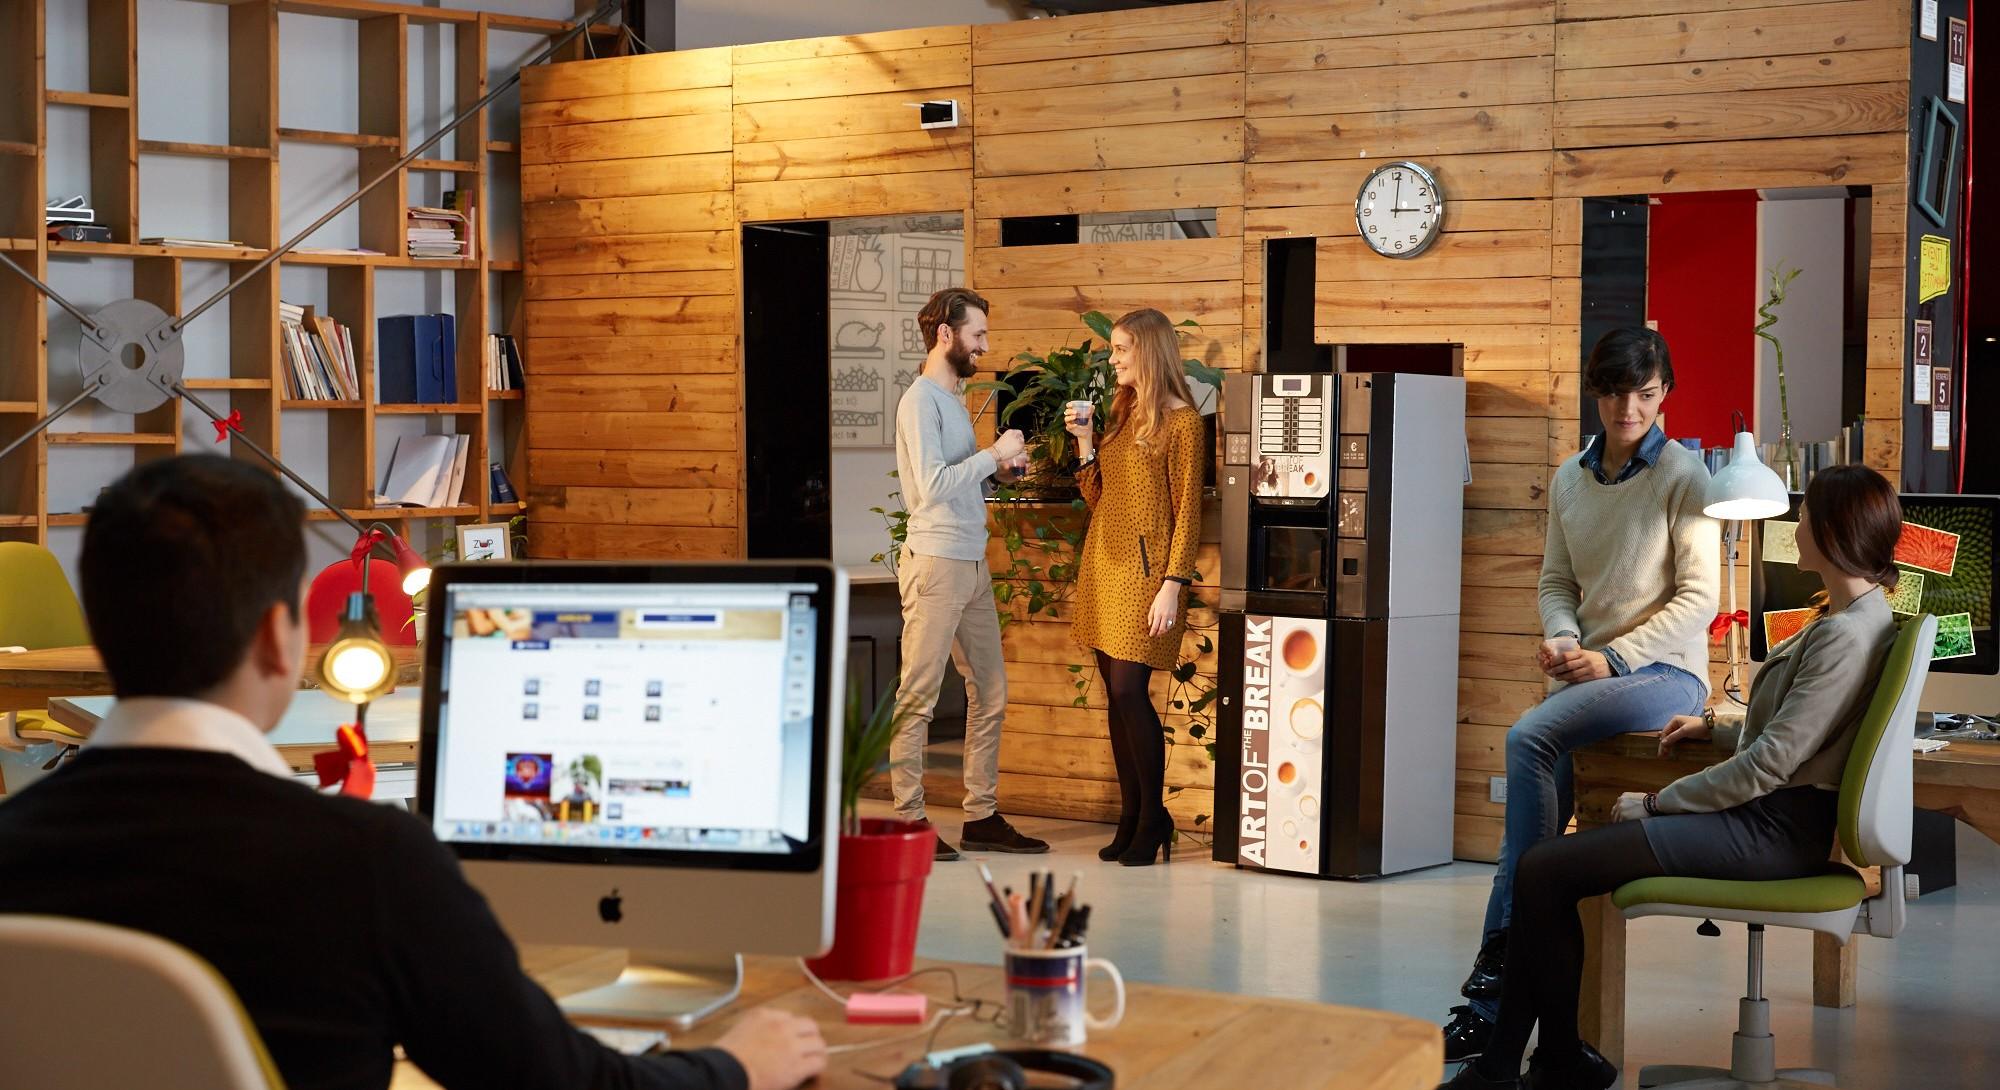 automate de cafea vending Solo Caffe